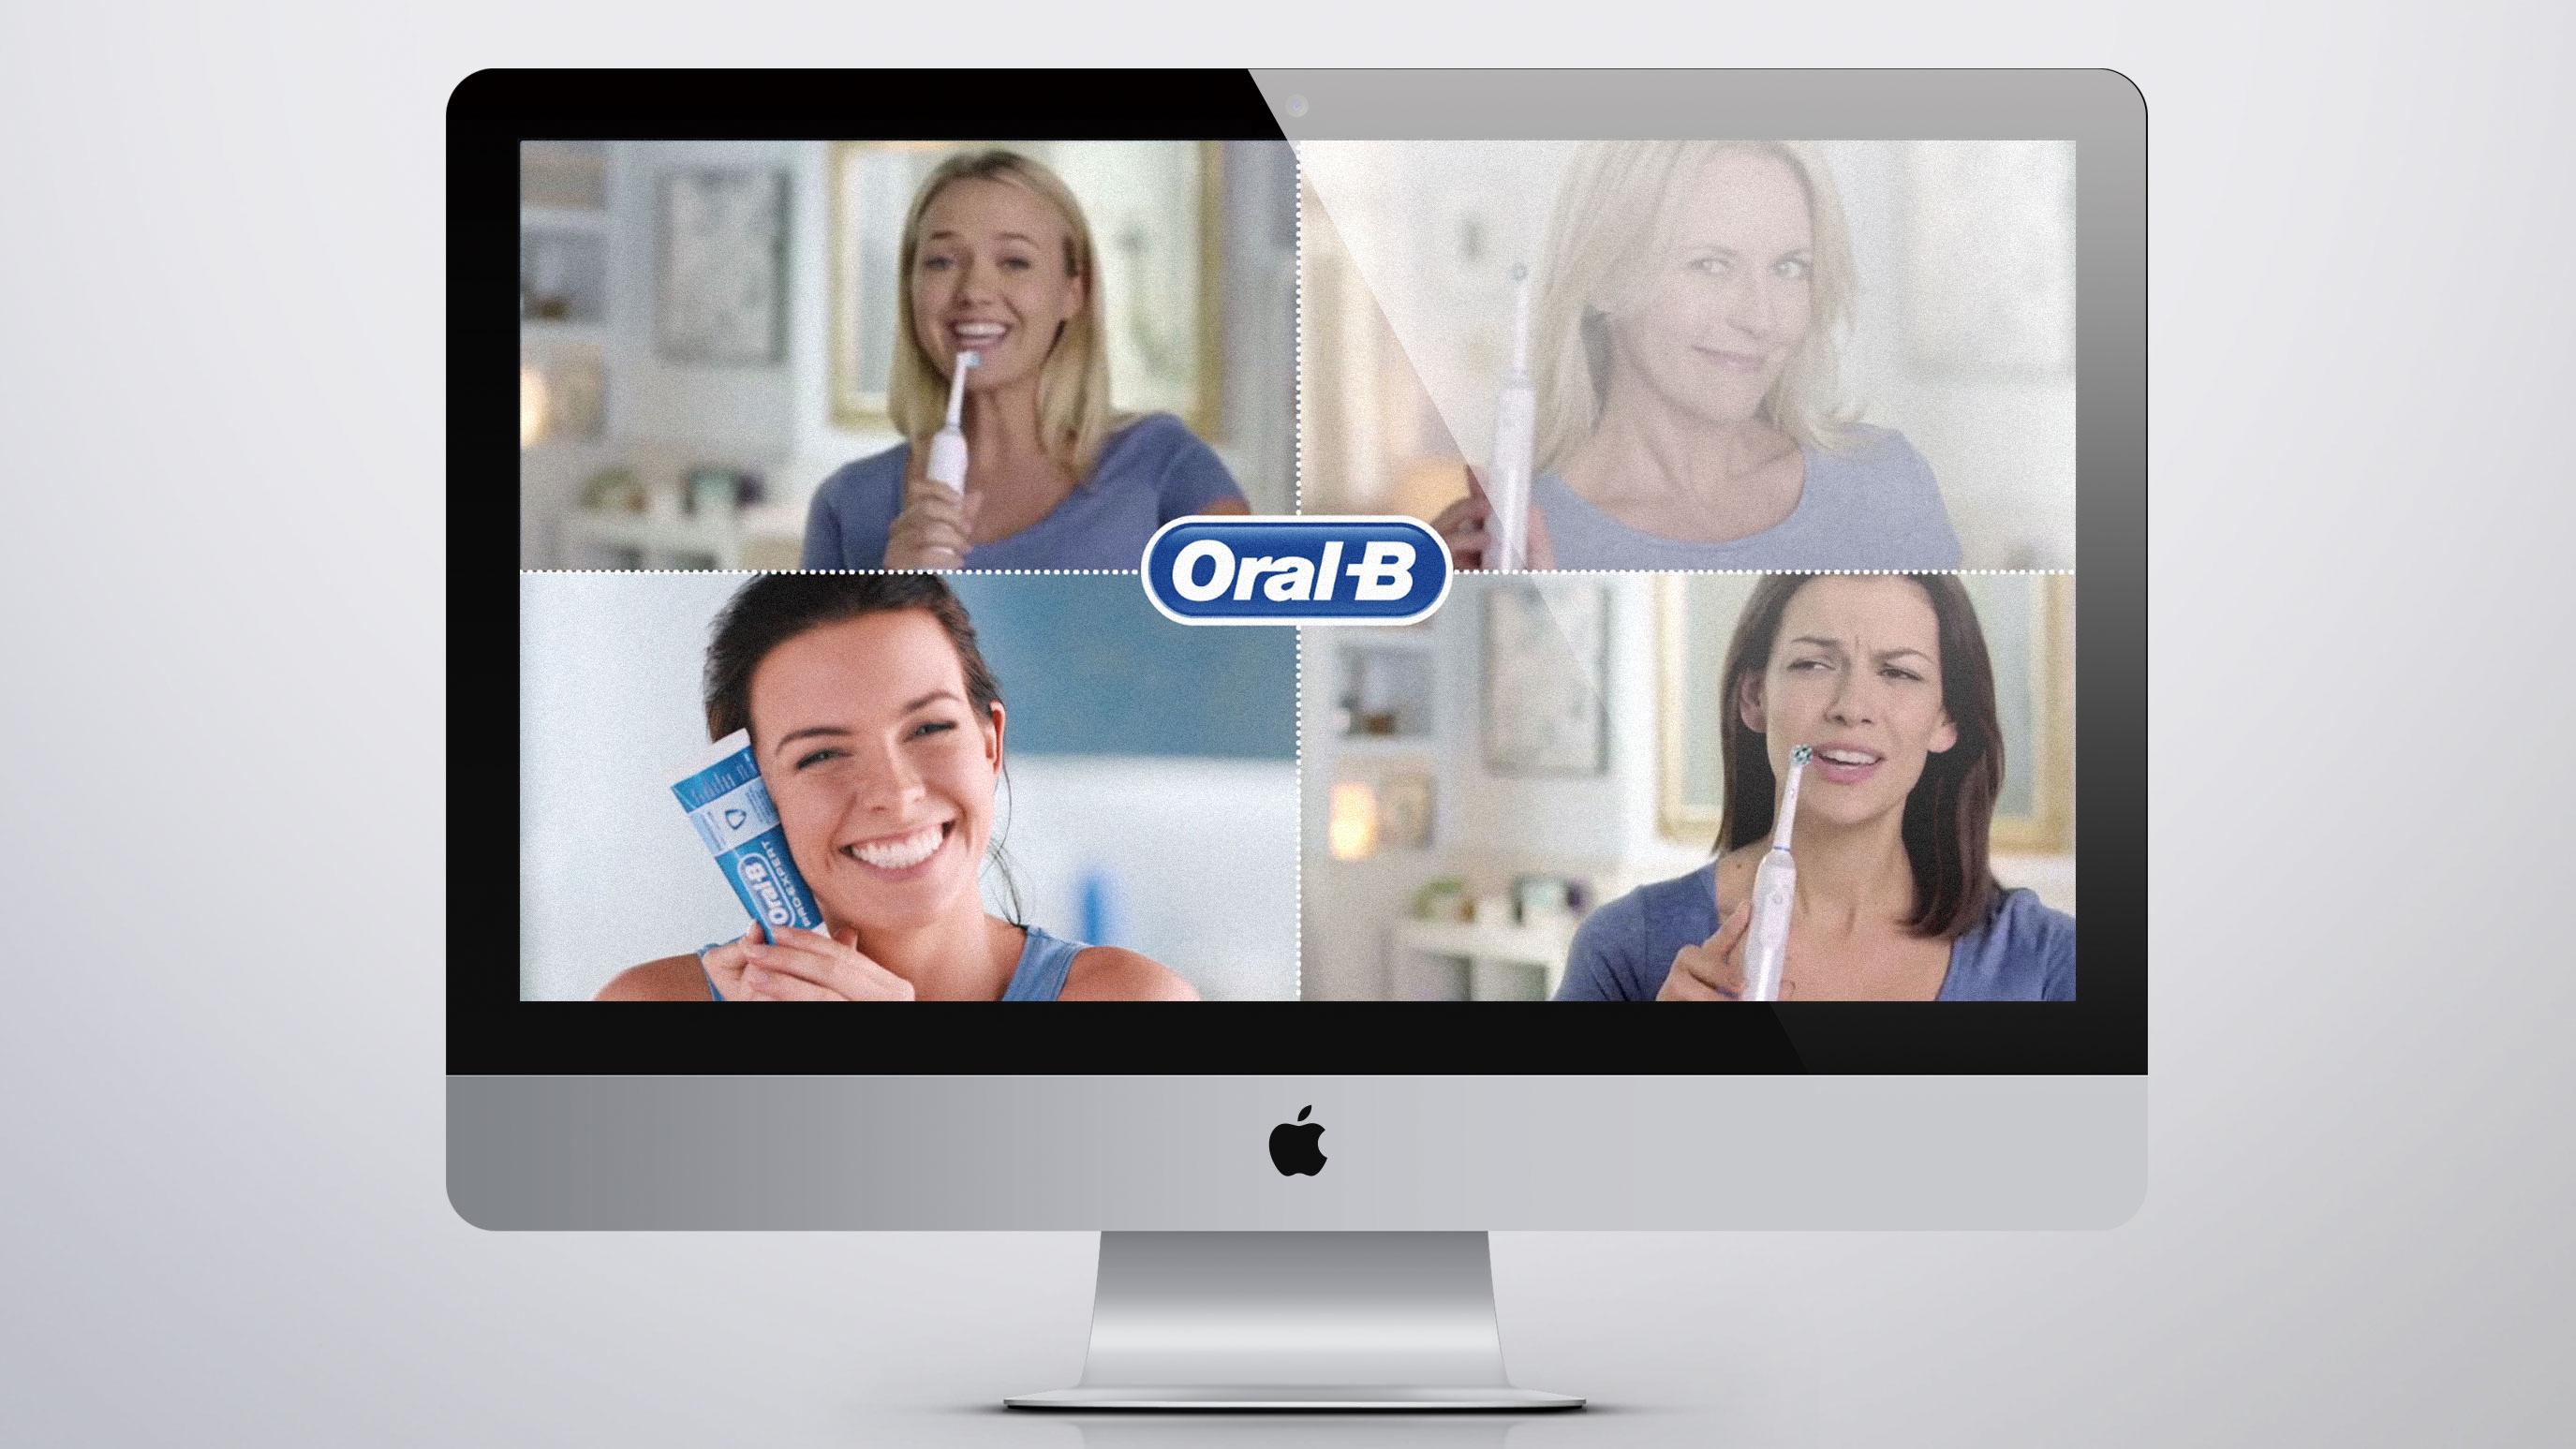 oral-b6